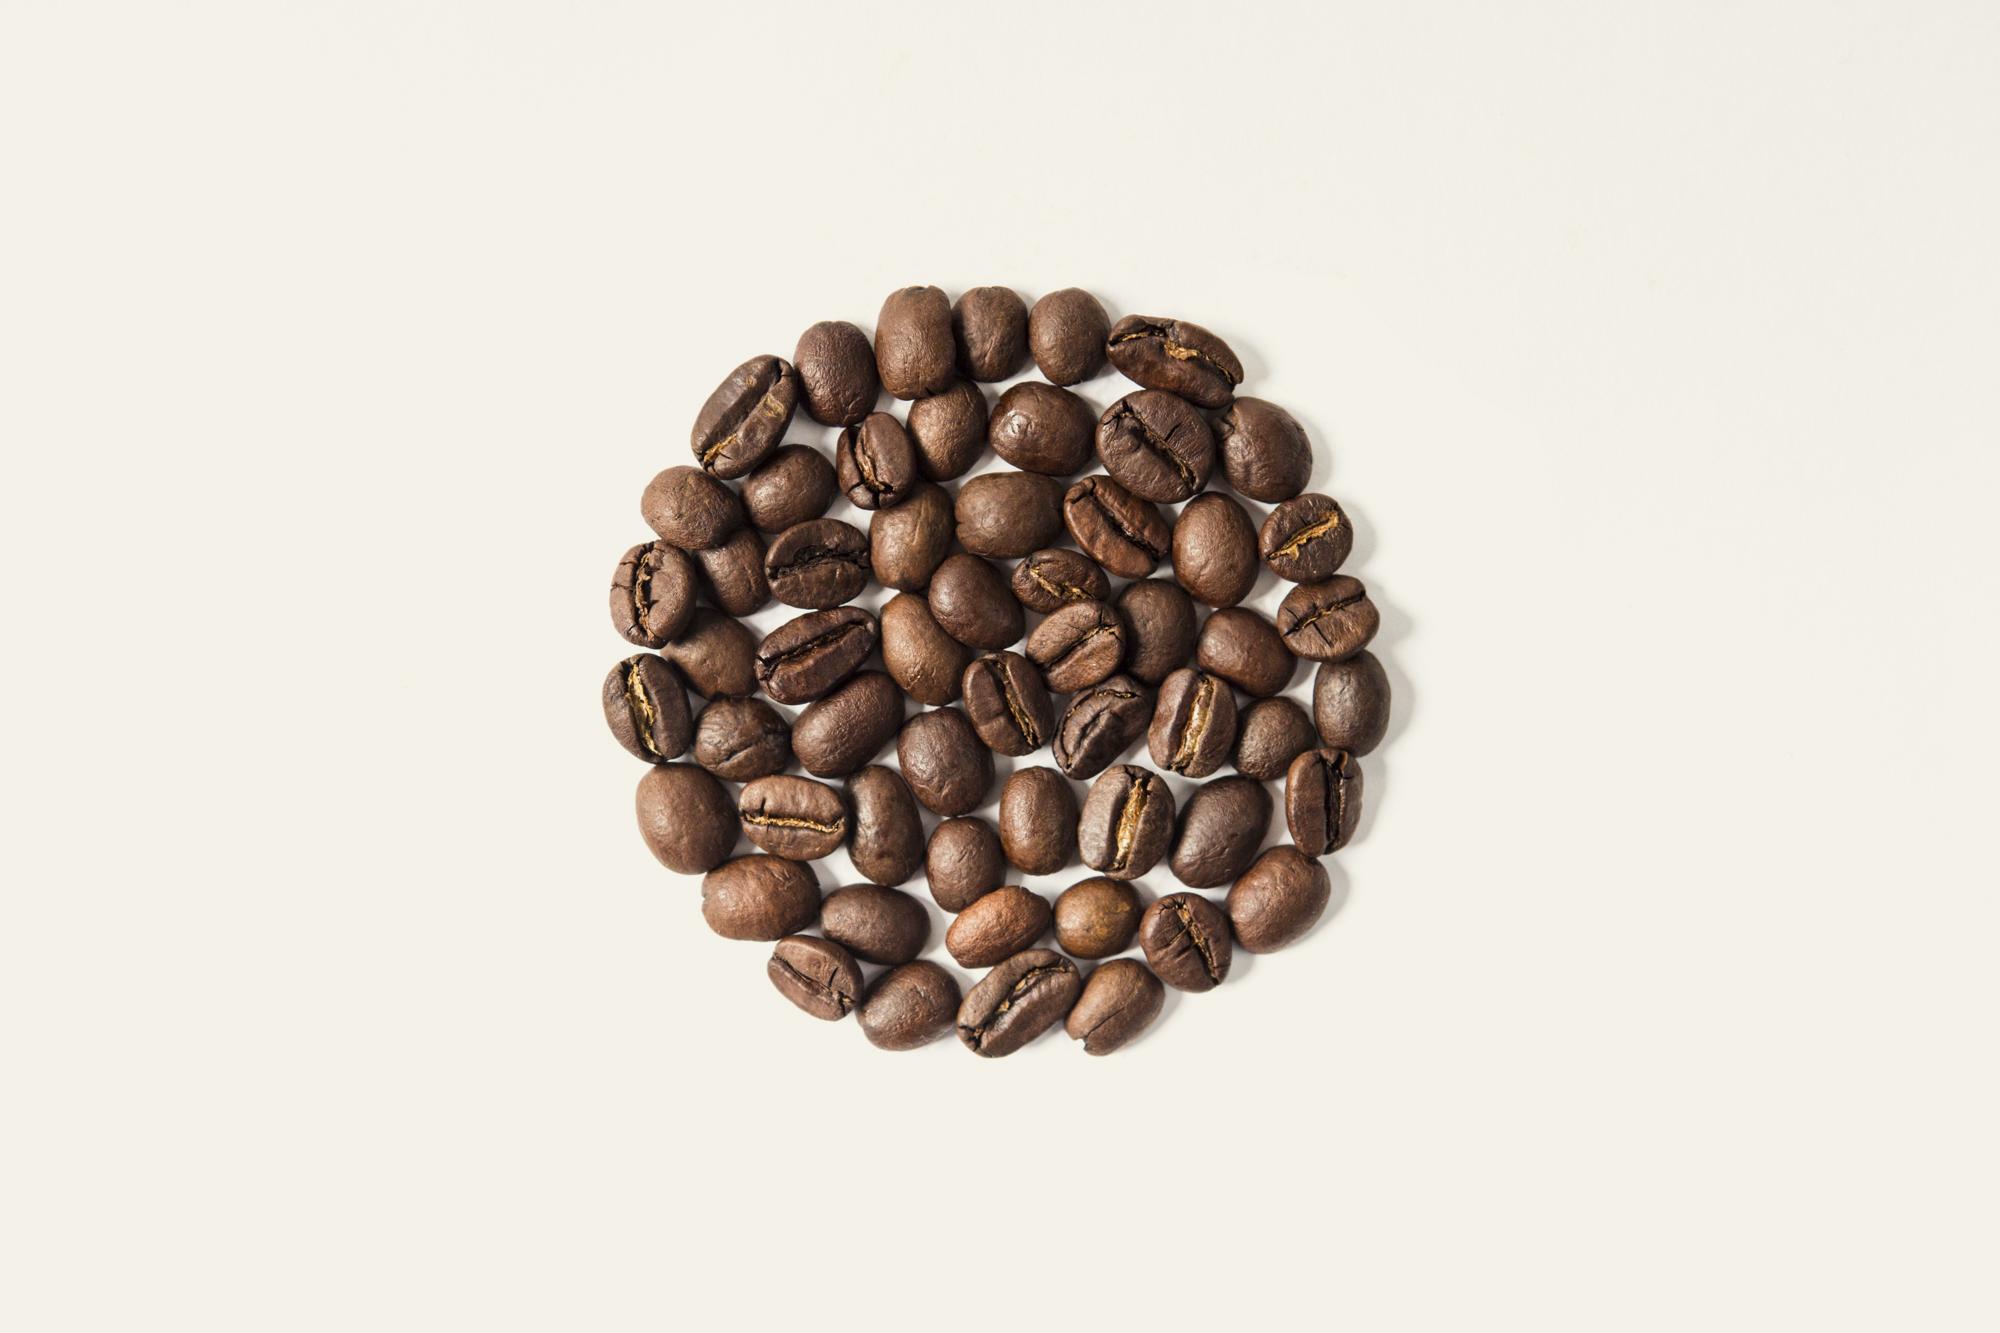 Grani di caffè dall'aroma inconfondibile